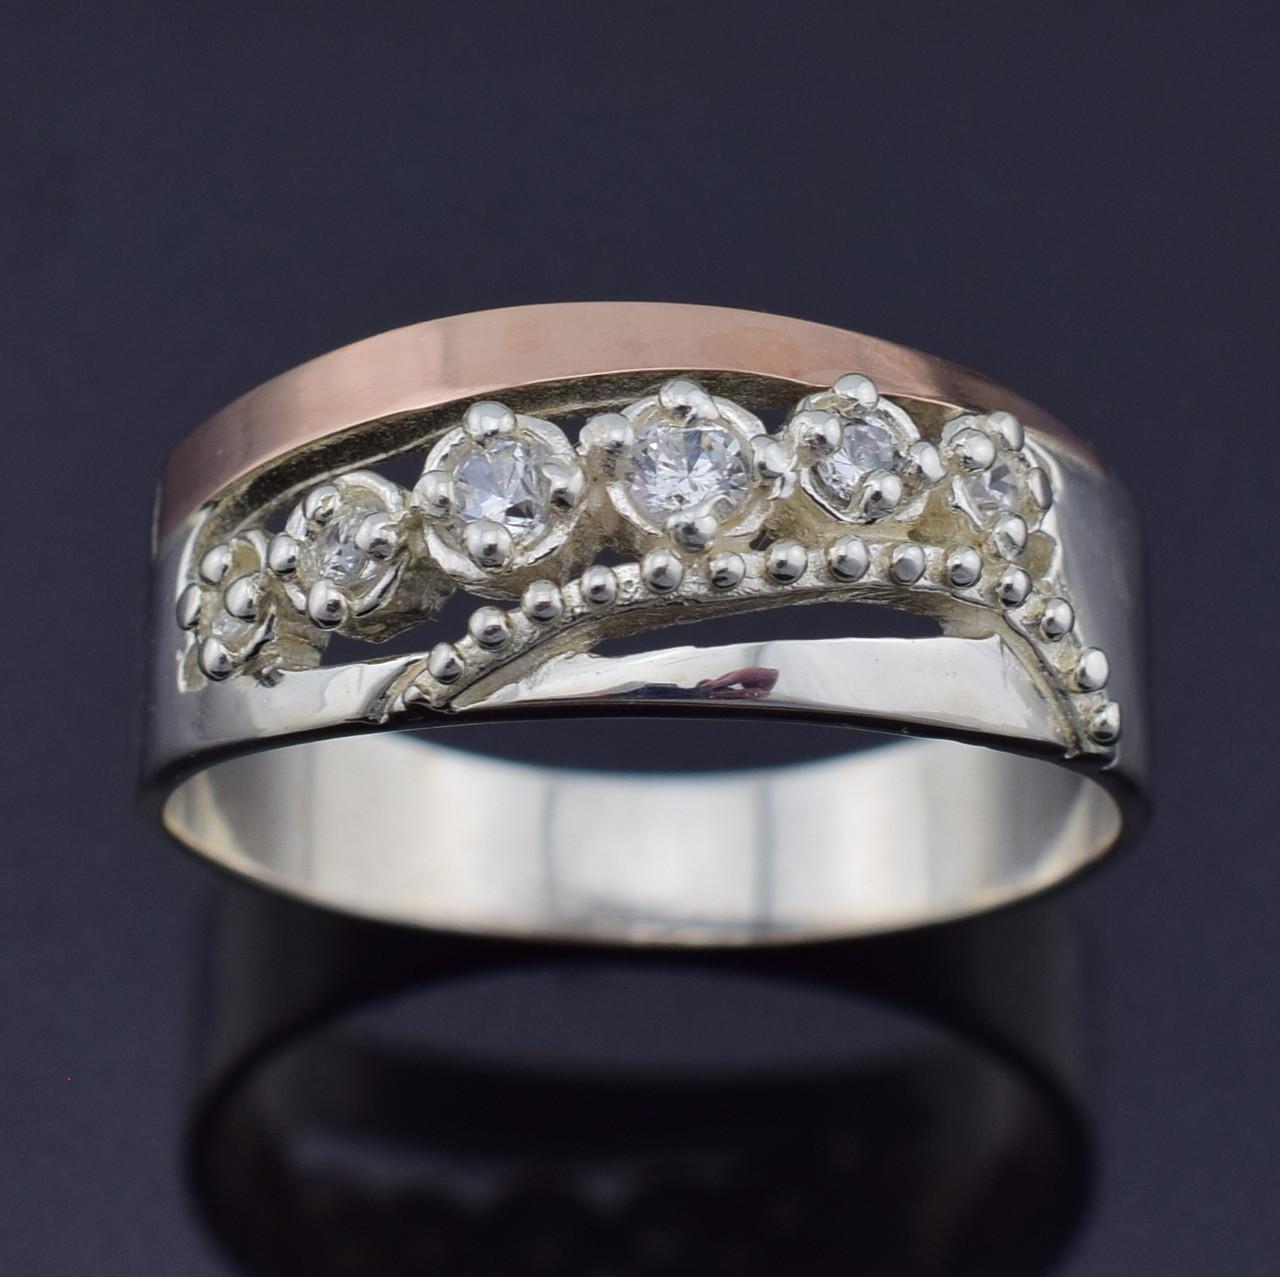 Серебряное кольцо с золотом Виола вставка белые фианиты вес 4.5 г размер 16